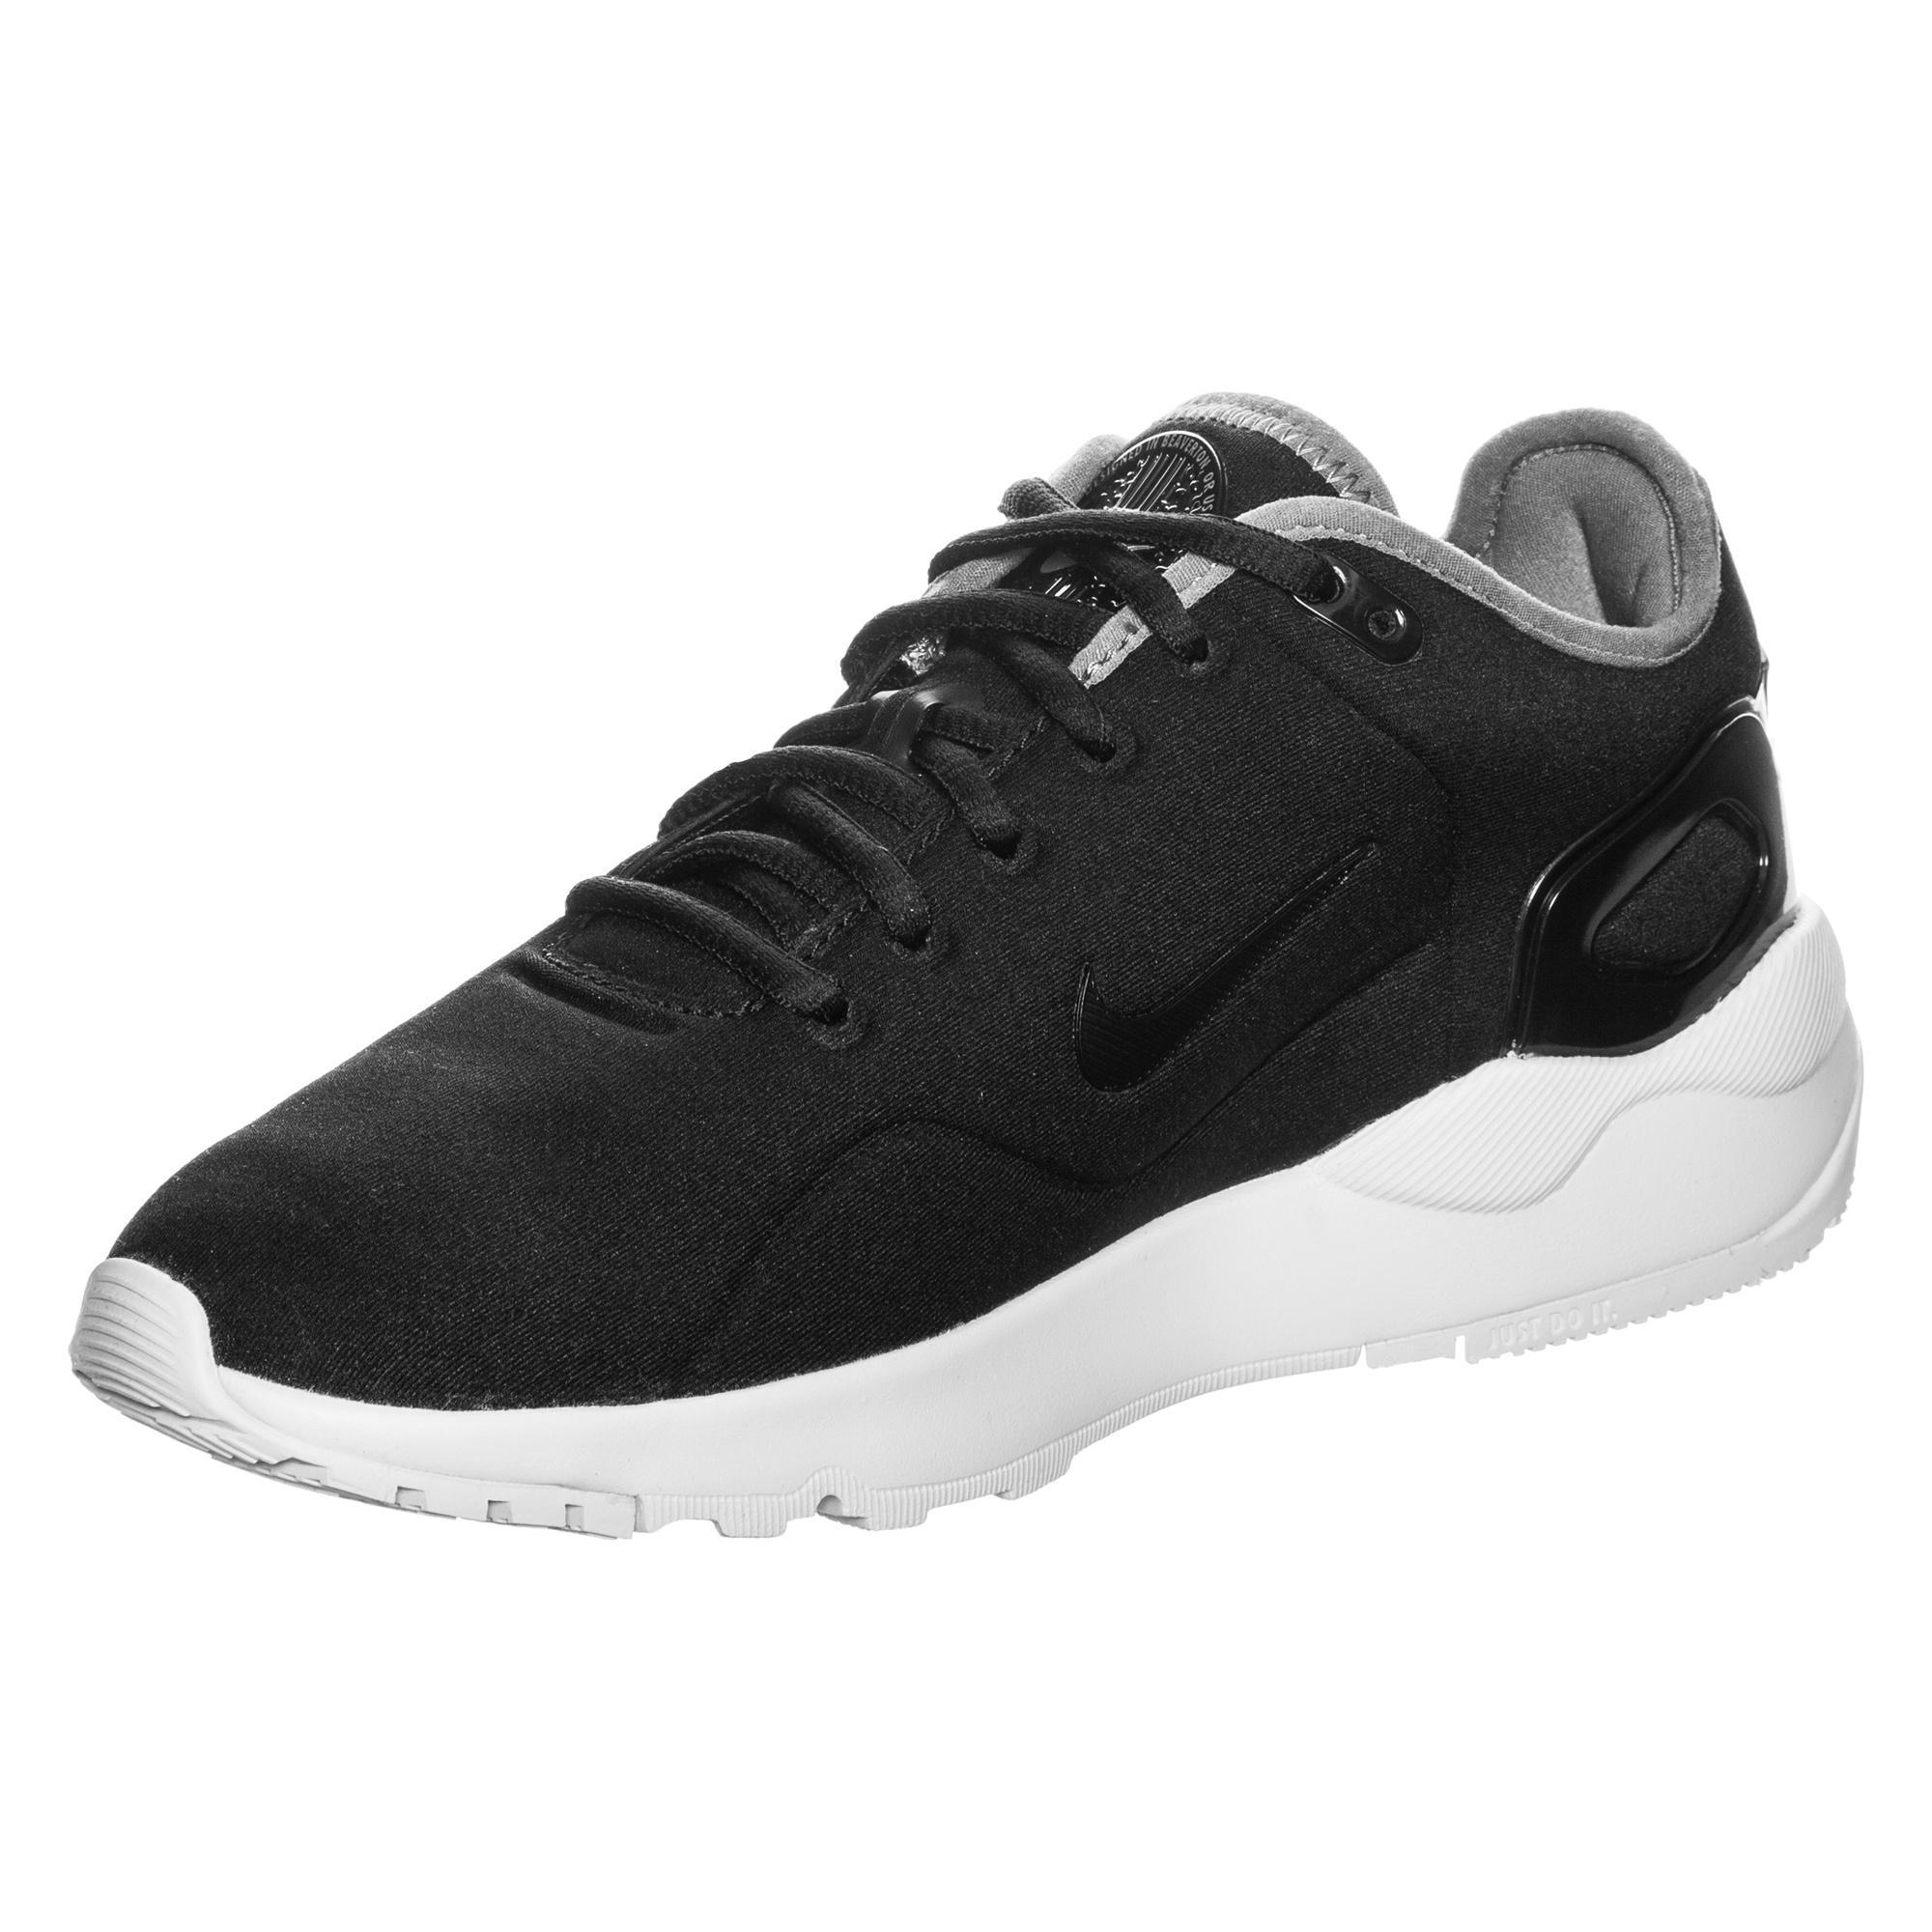 Nike LD Runner LW Turnschuhe Damen schwarz   grau im Online Shop von SportScheck kaufen Gute Qualität beliebte Schuhe